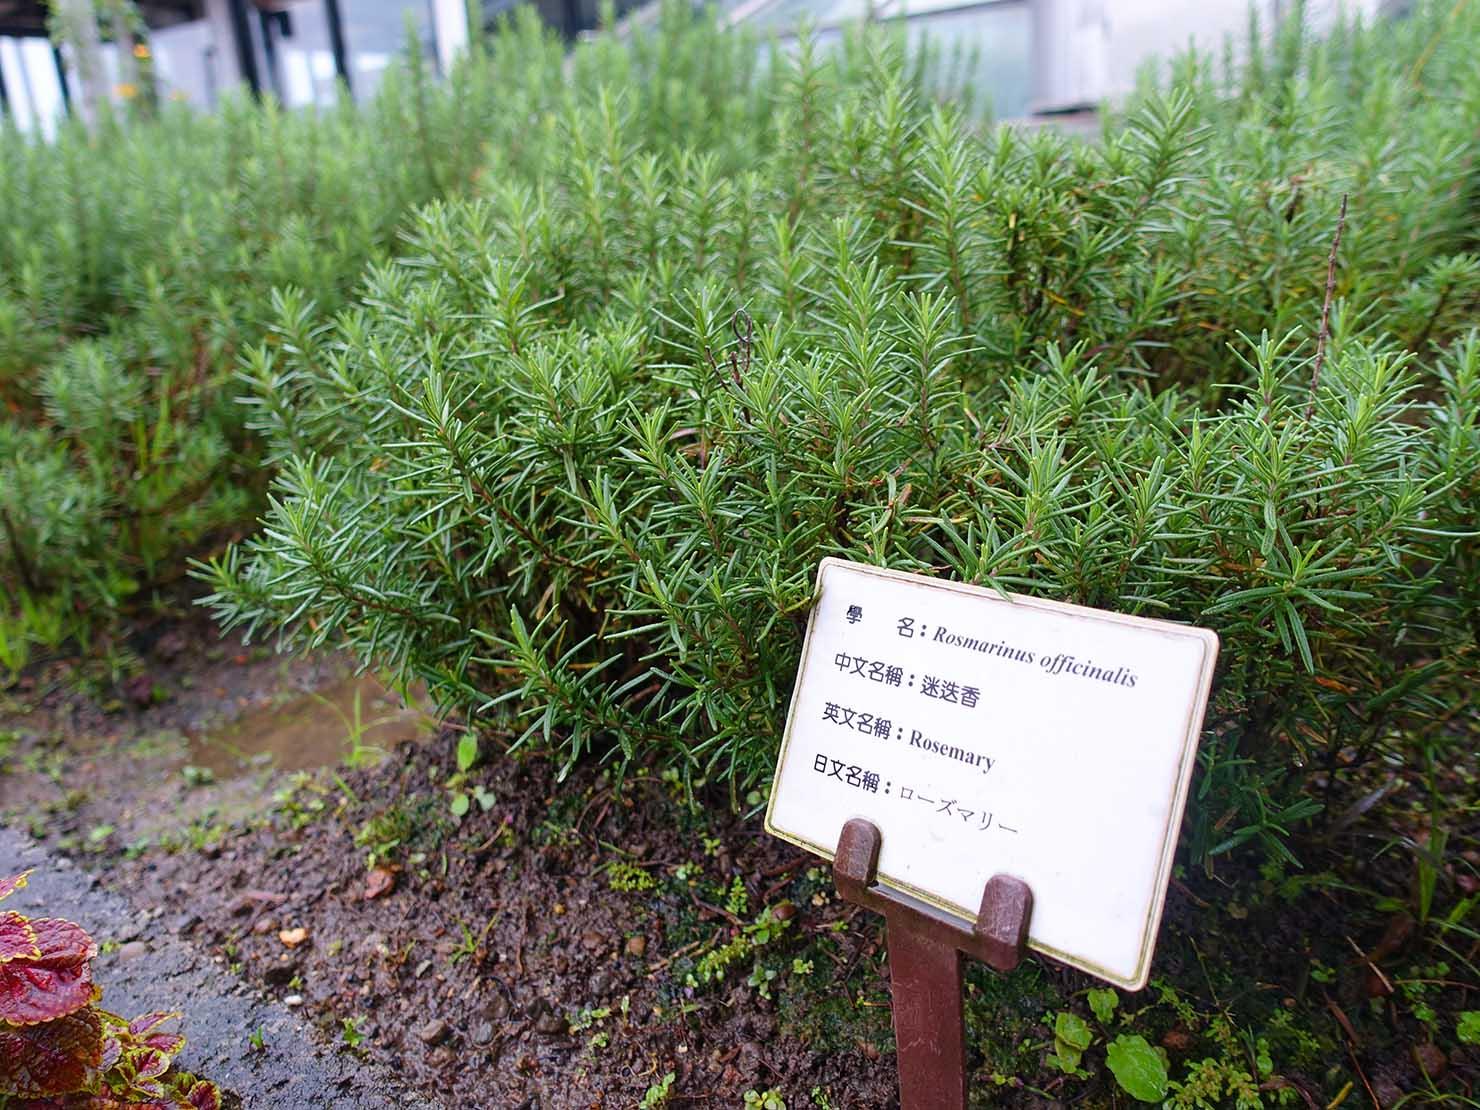 台北のおすすめ4つ星ホテル「歐華酒店(リビエラホテル)」の屋上ガーデンに育つローズマリー